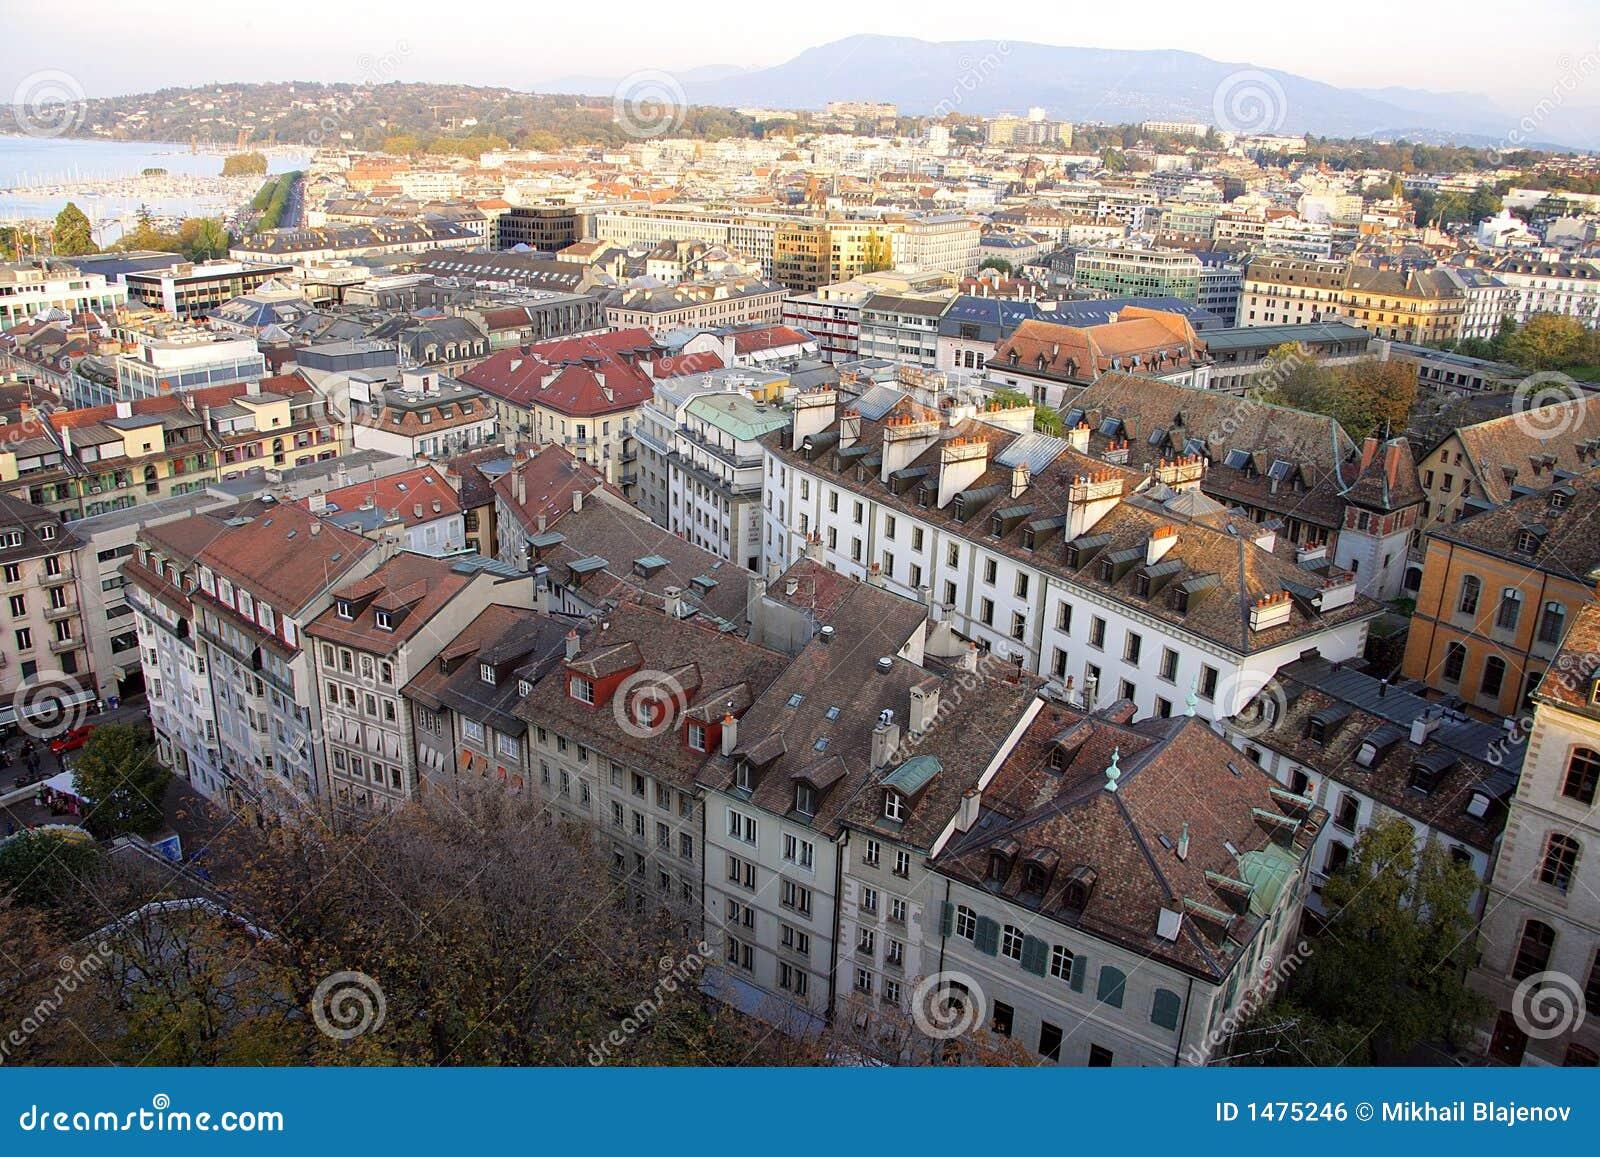 15 Genewie